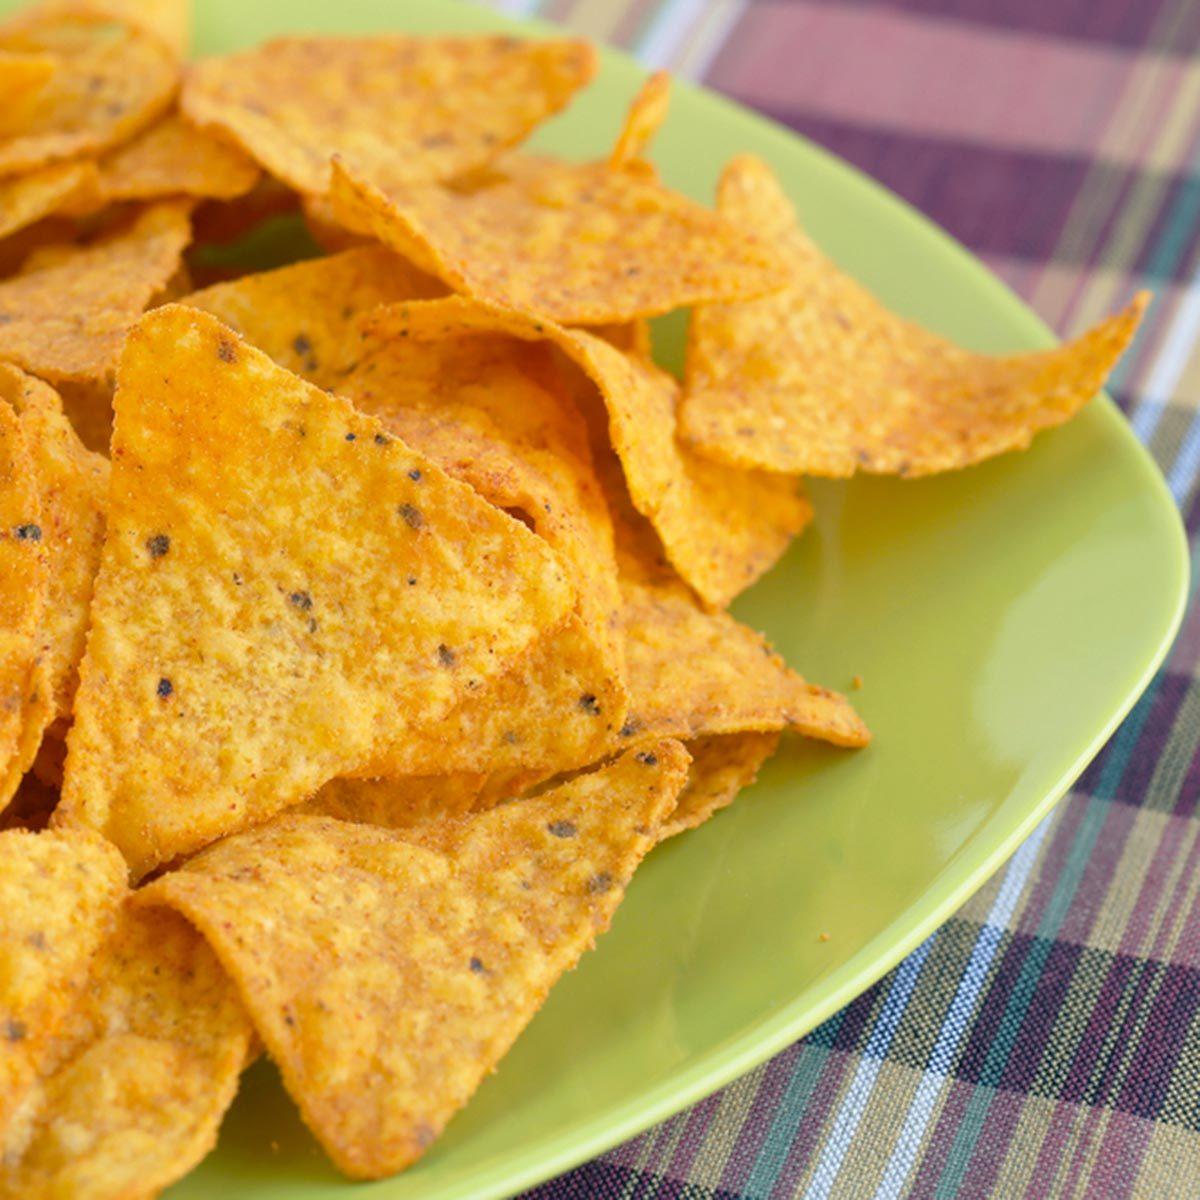 Trucs culinaires : un reste de Doritos? Ne le jetez surtout pas!